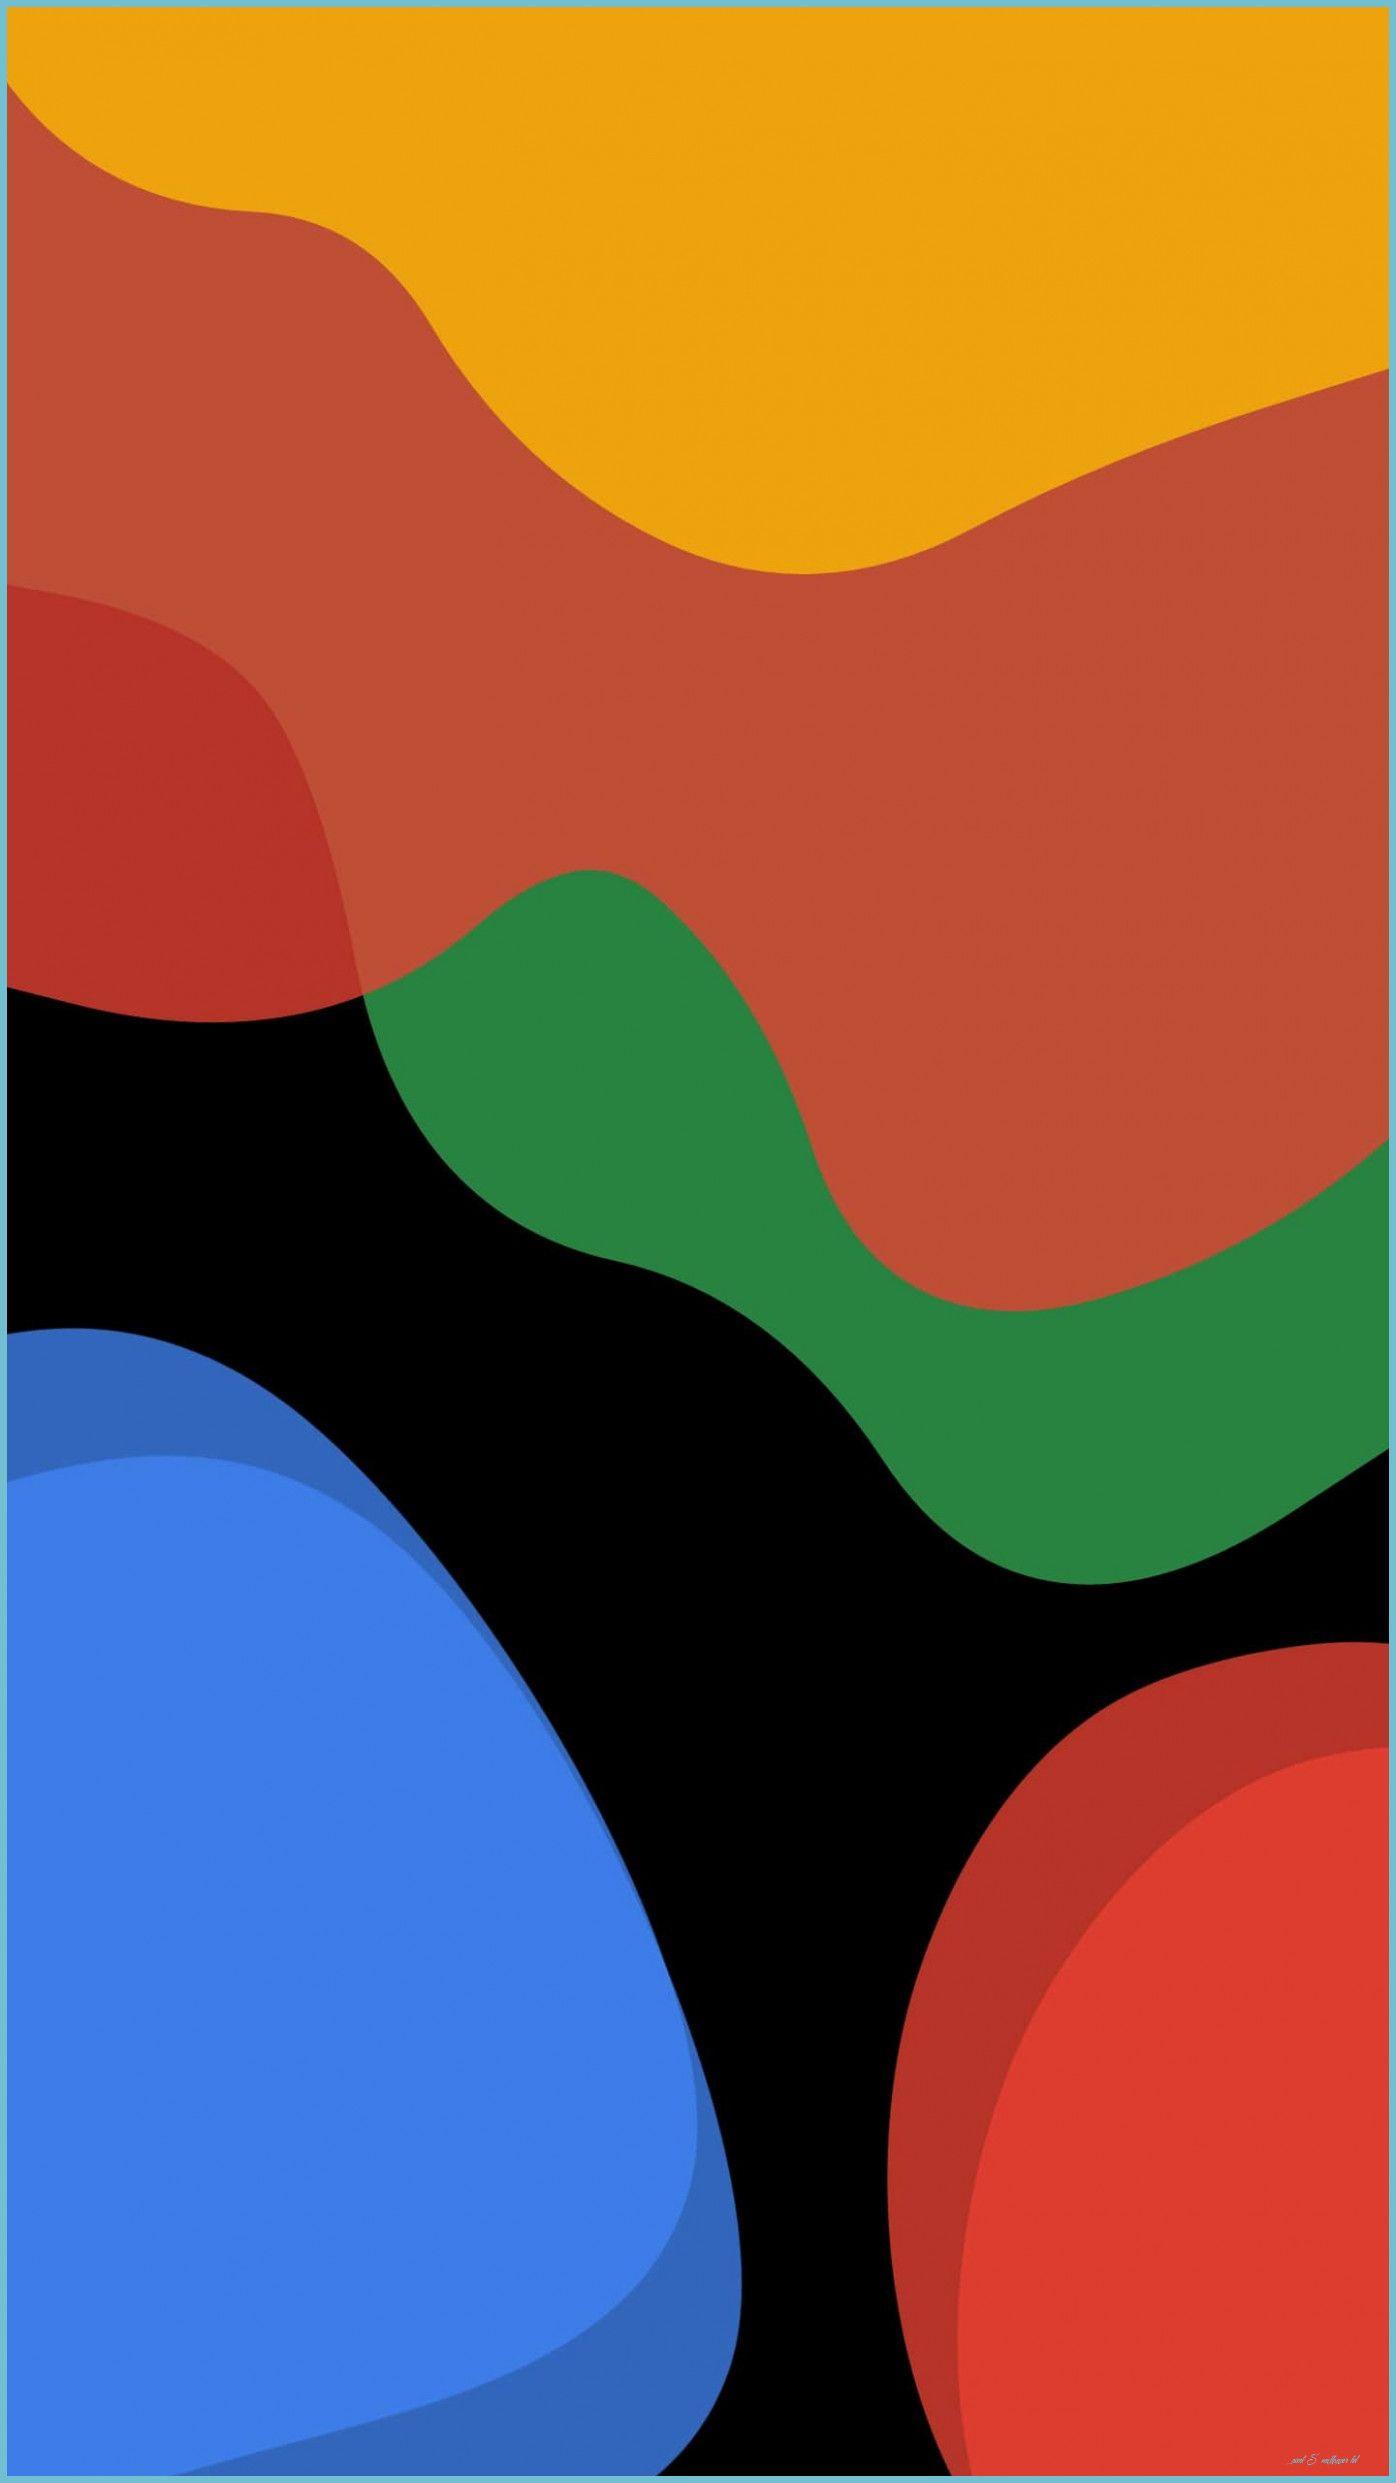 Understanding The Background Of Pixel 10 Wallpaper Hd   Pixel 10 Wallpaper Hd